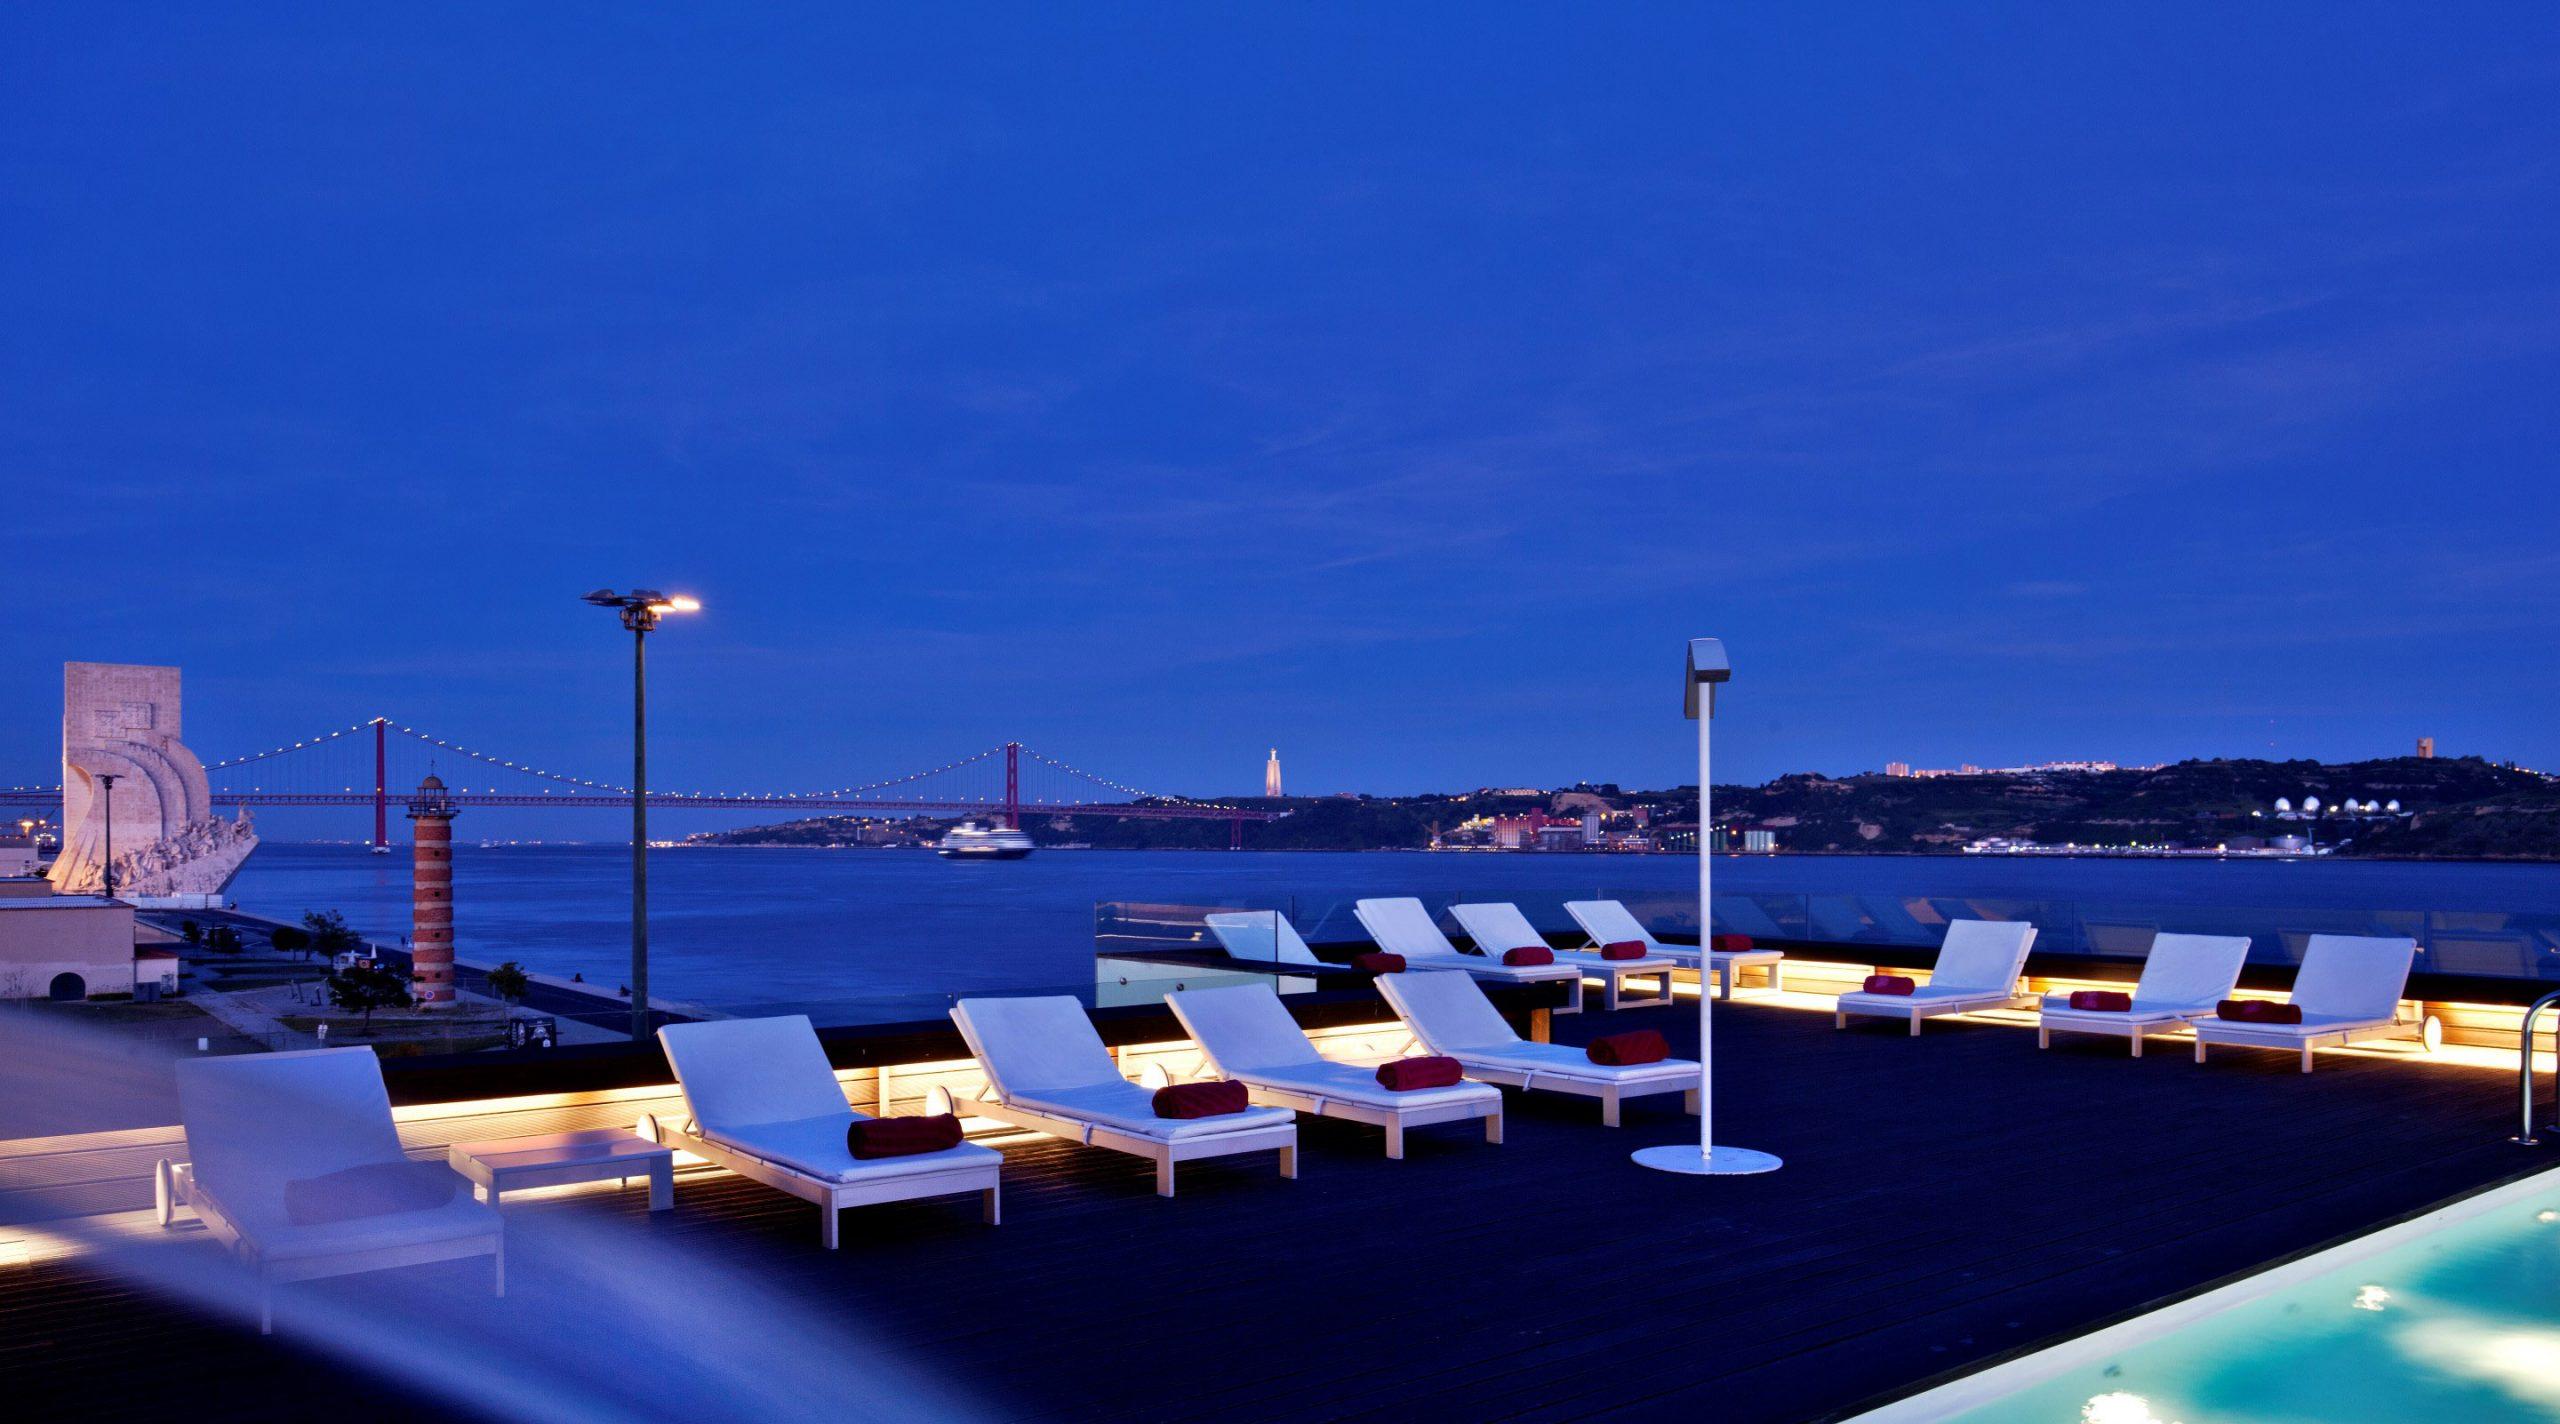 Hôtels Avec Spa À Lisbonne - Altis Spa & Bien-Être Du Corps ... avec Hotel Lisbonne Avec Piscine